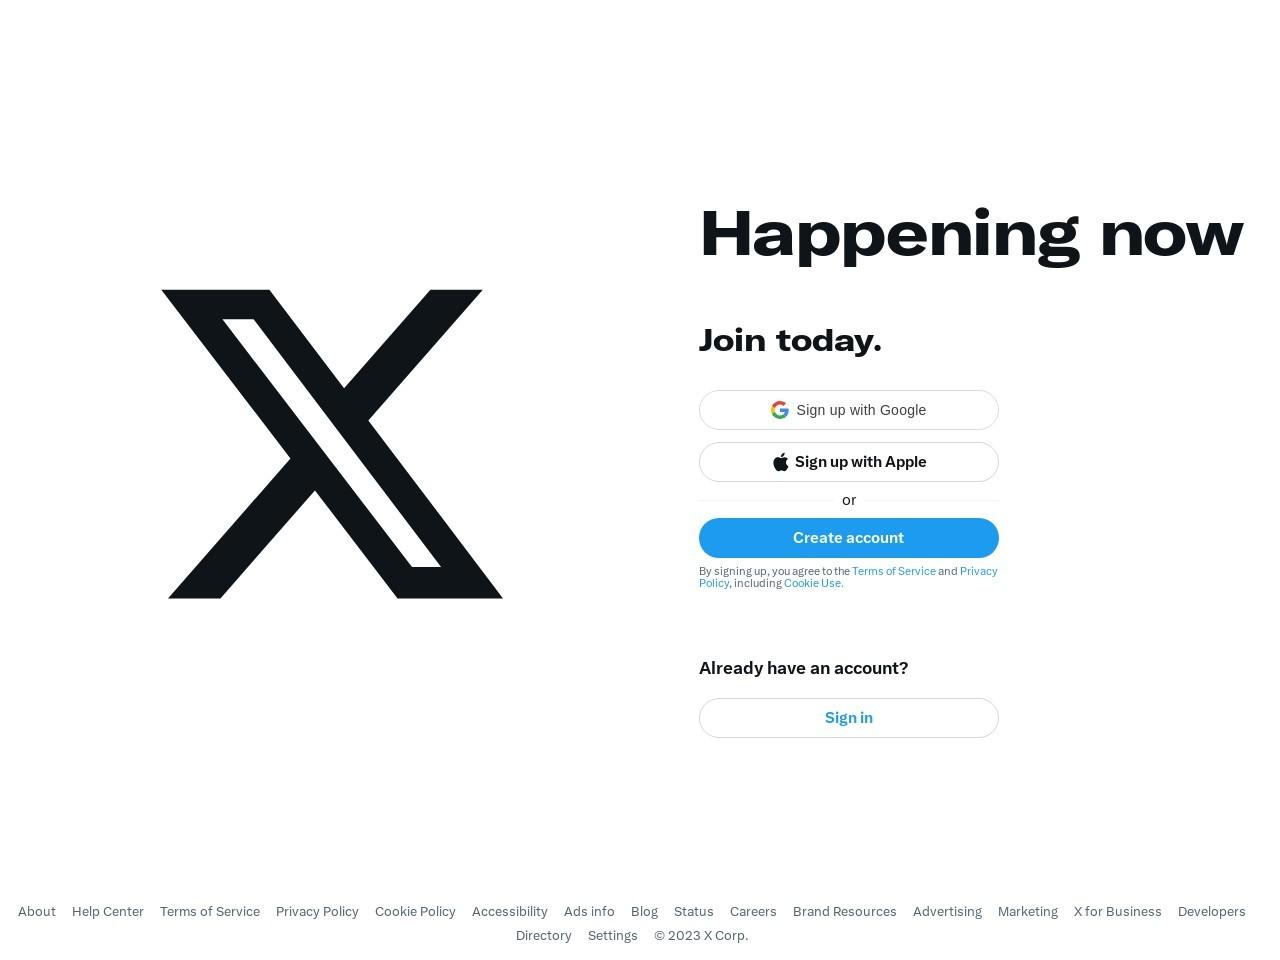 響け!ユーフォニアム名言botさんはTwitterを使っています 「ヴァイオレット初期CMの原画展 今月末までデス (立川オリオン書房) https://t.co/5upclNz8Es」 / Twitter